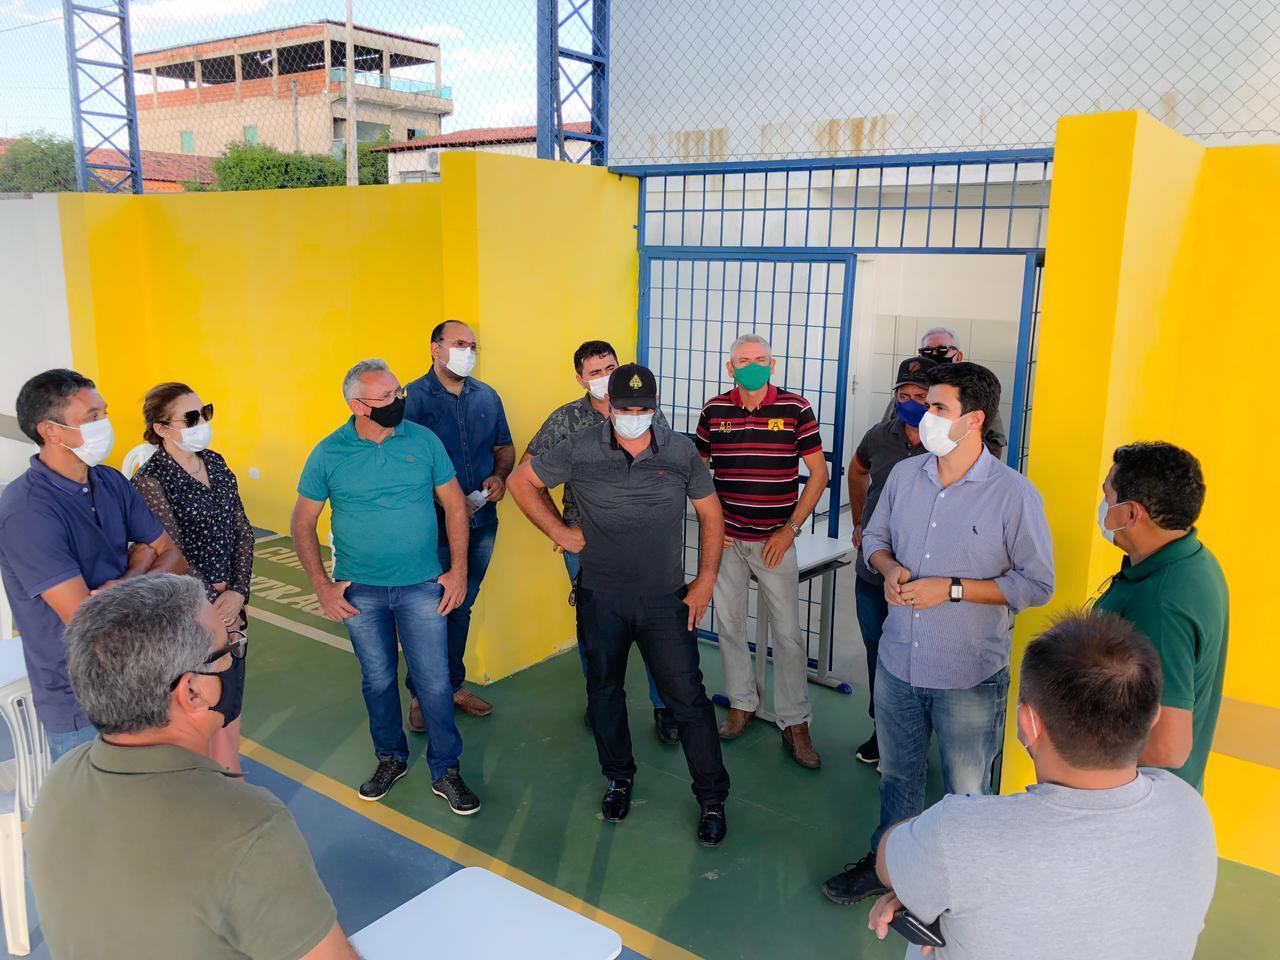 WhatsApp Image 2021 07 20 at 09.59.32 - Wilson Filho vai ao Vale do Piancó, visita obras e discute ações com lideranças da região